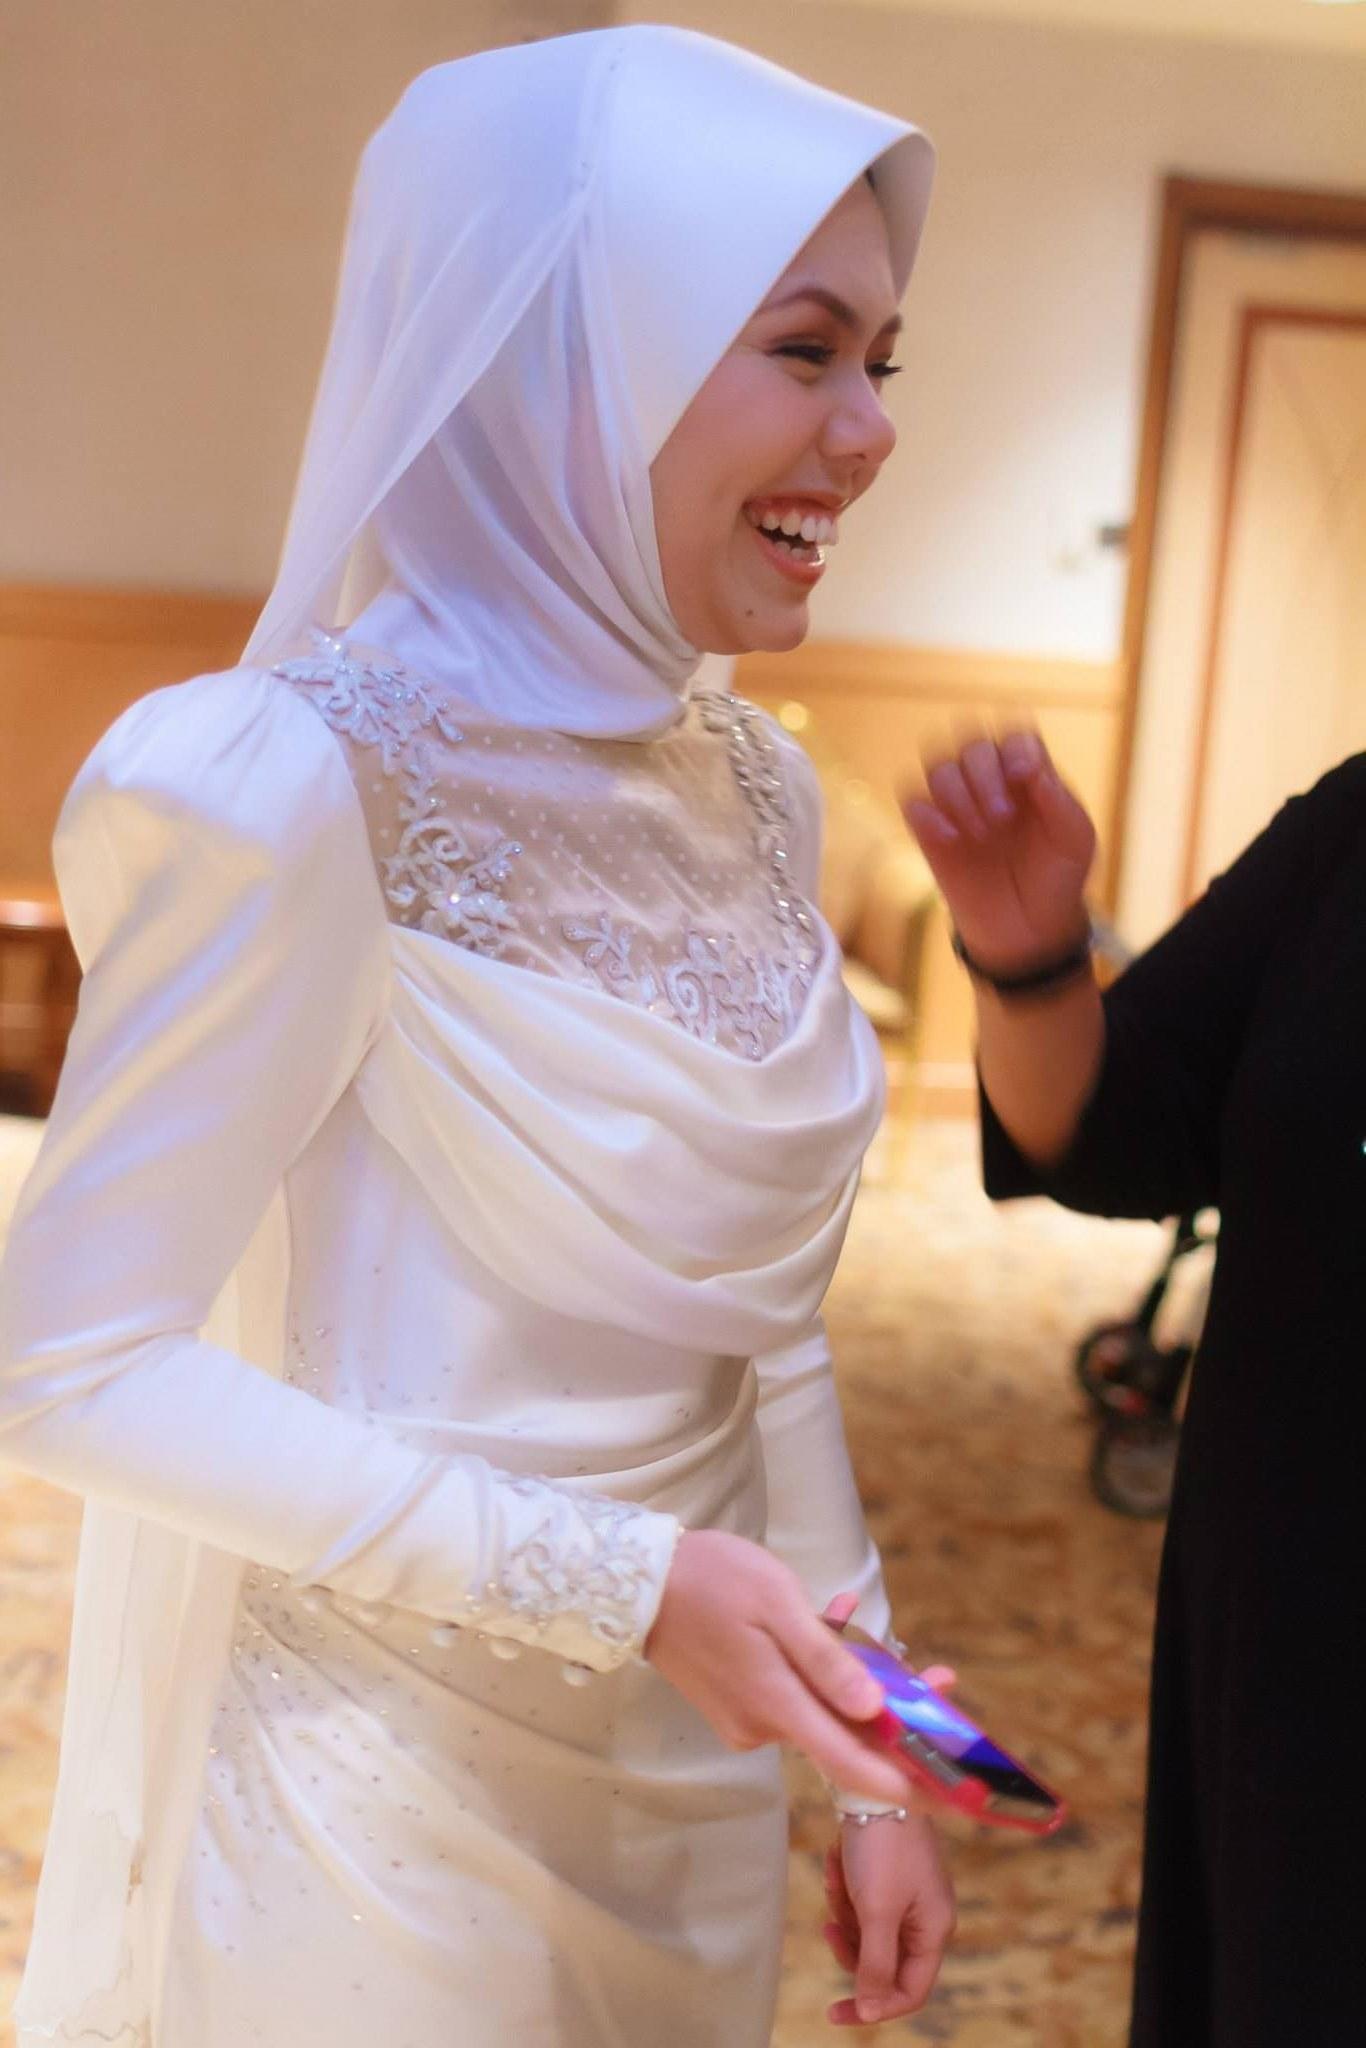 Ide Baju Pengantin Muslimah 2016 S1du Baju Pengantin Moden Baju Pengantin songket by Melinda